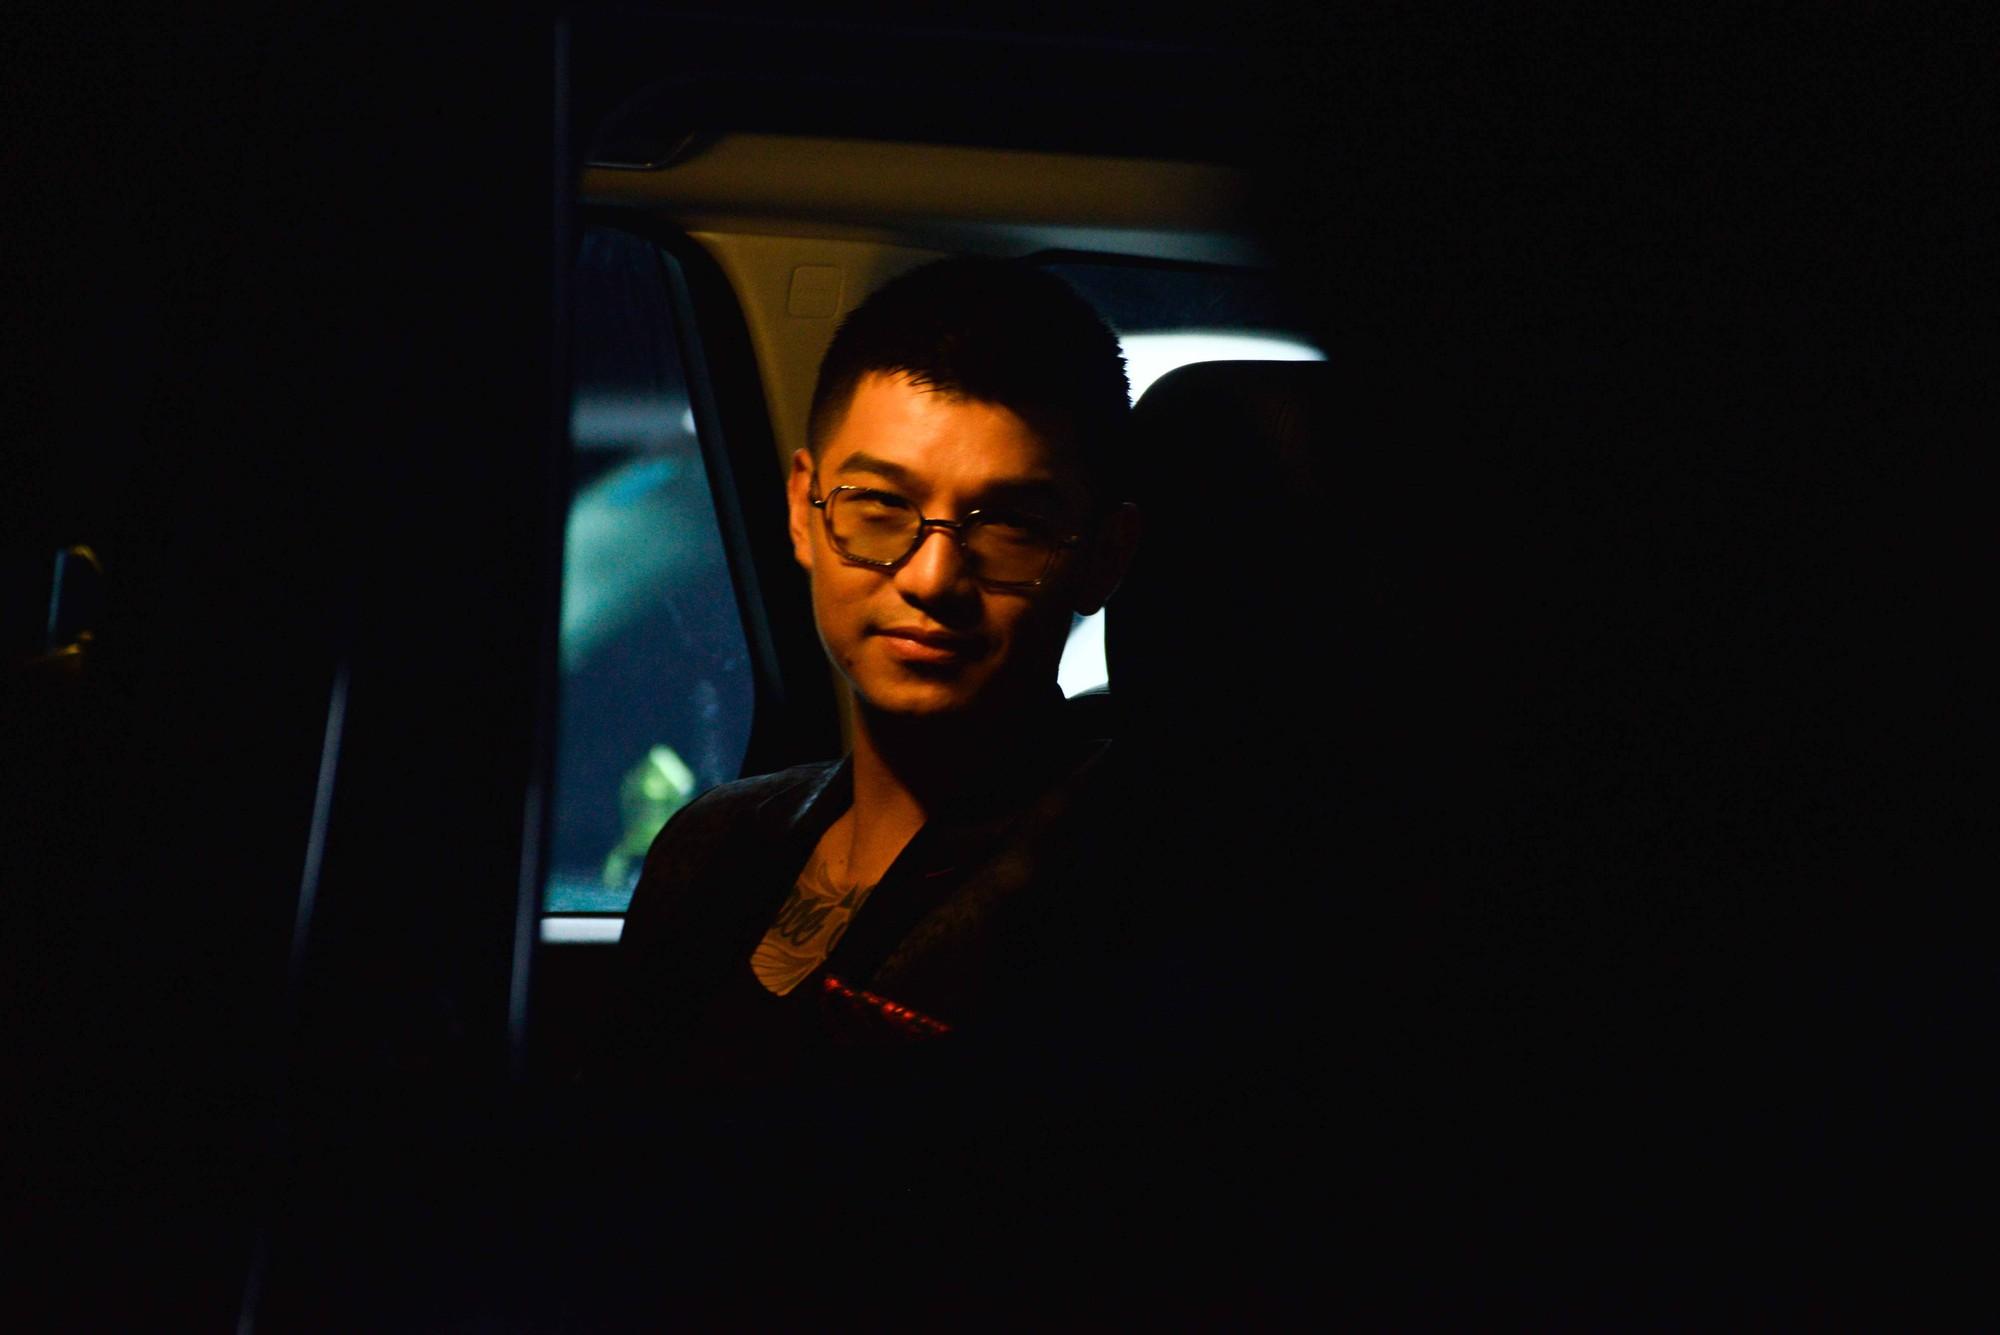 Soobin Hoàng Sơn bất ngờ bắt tay với Cường 7 trong phim điện ảnh về siêu xe? - Ảnh 8.